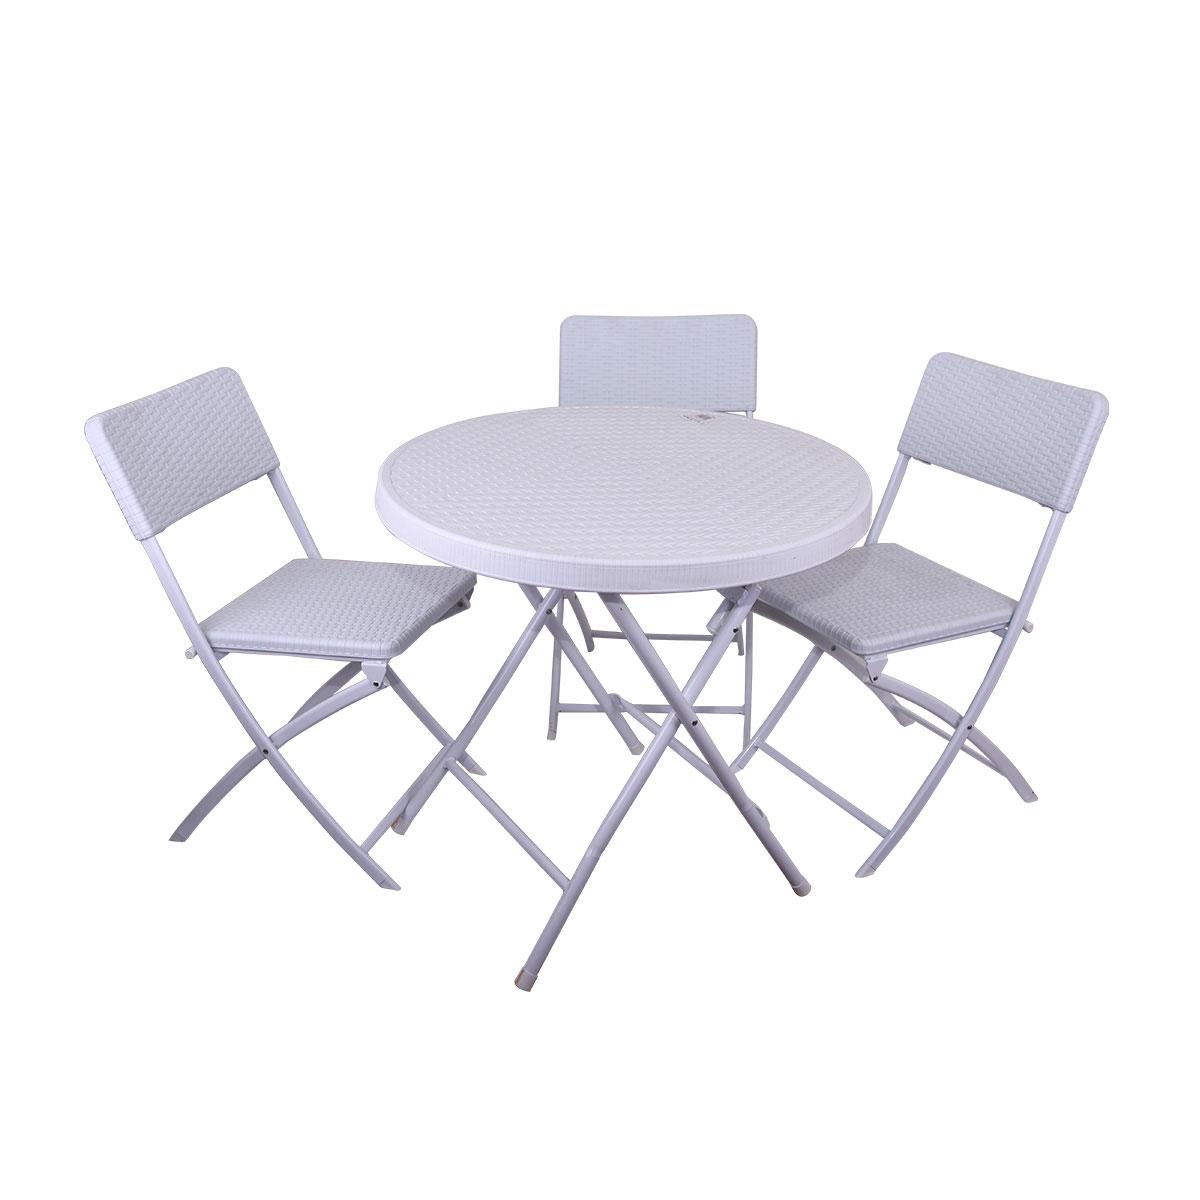 طاولة بلاستيك فايبر مع 3 كرسي قابلة للطي دائرية لون ابيض ,من ماي مارت